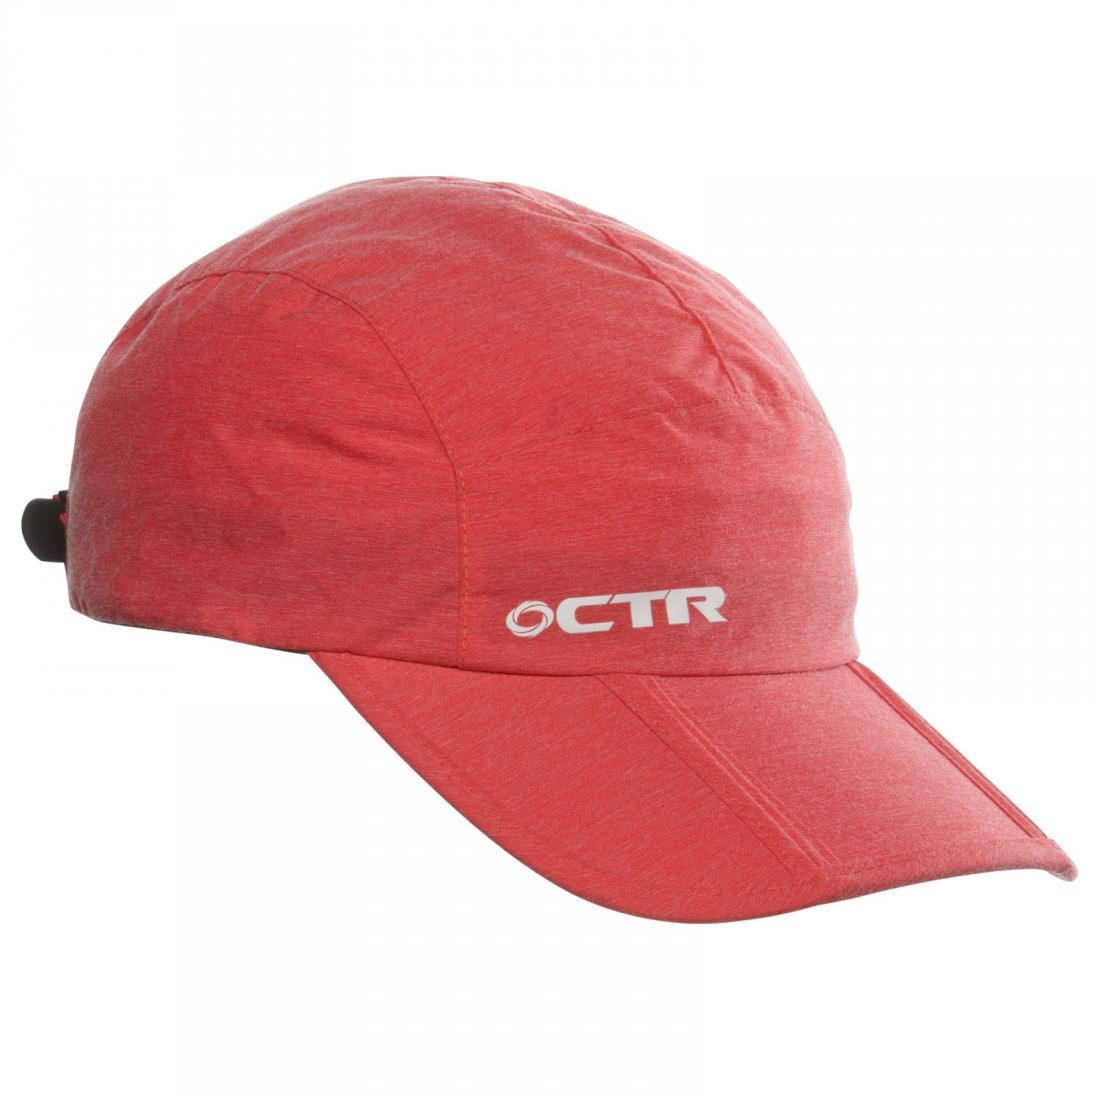 Кепка Chaos Stratus Rain CapКепки<br>Кепка изготовлена из качественной водоотталкивающей ткани,имеет лаконичную форму и сдержанный дизайн.<br><br><br><br>Специальная пропитка материалов и обработка швов.<br><br>Особая конструкция краев, способствующаясвободному стеканию...<br><br>Цвет: Красный<br>Размер: None